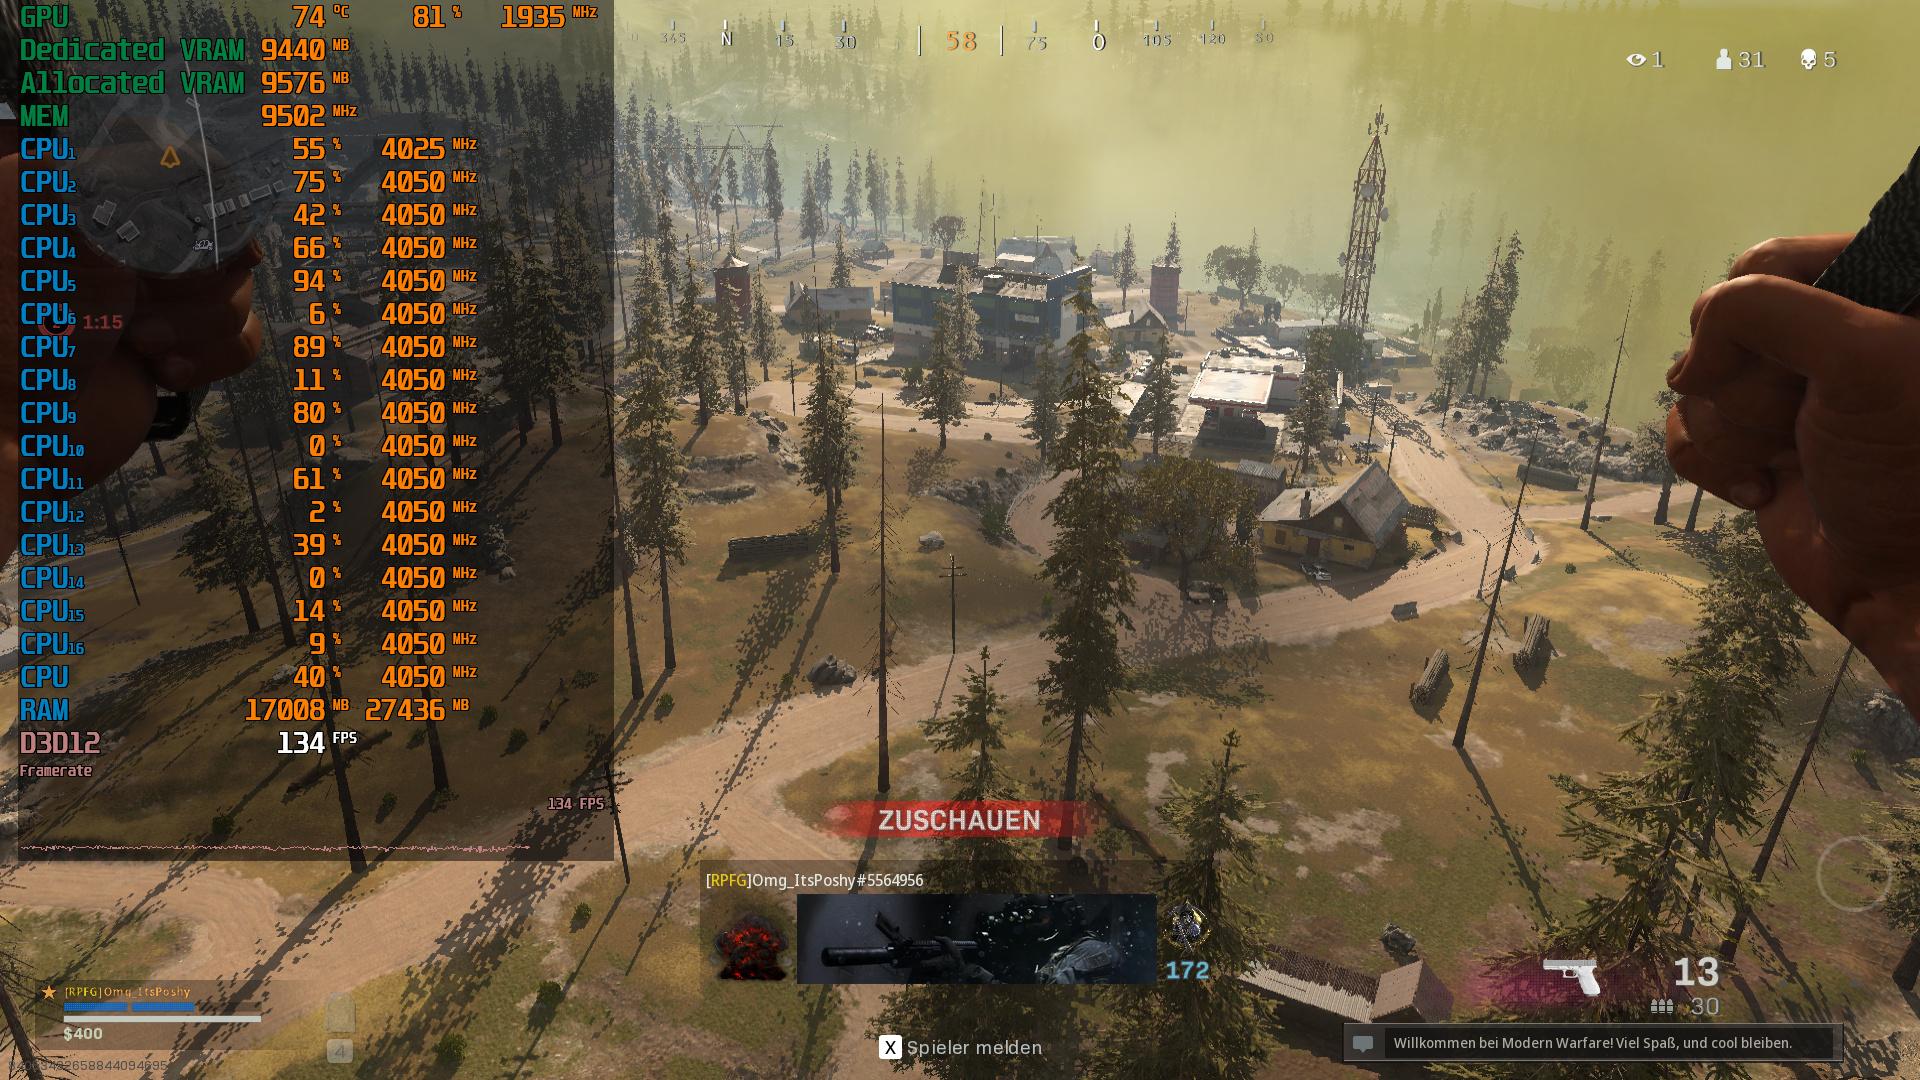 Call of Duty  Modern Warfare 2019 Screenshot 2021.01.22 - 15.16.03.07.jpg